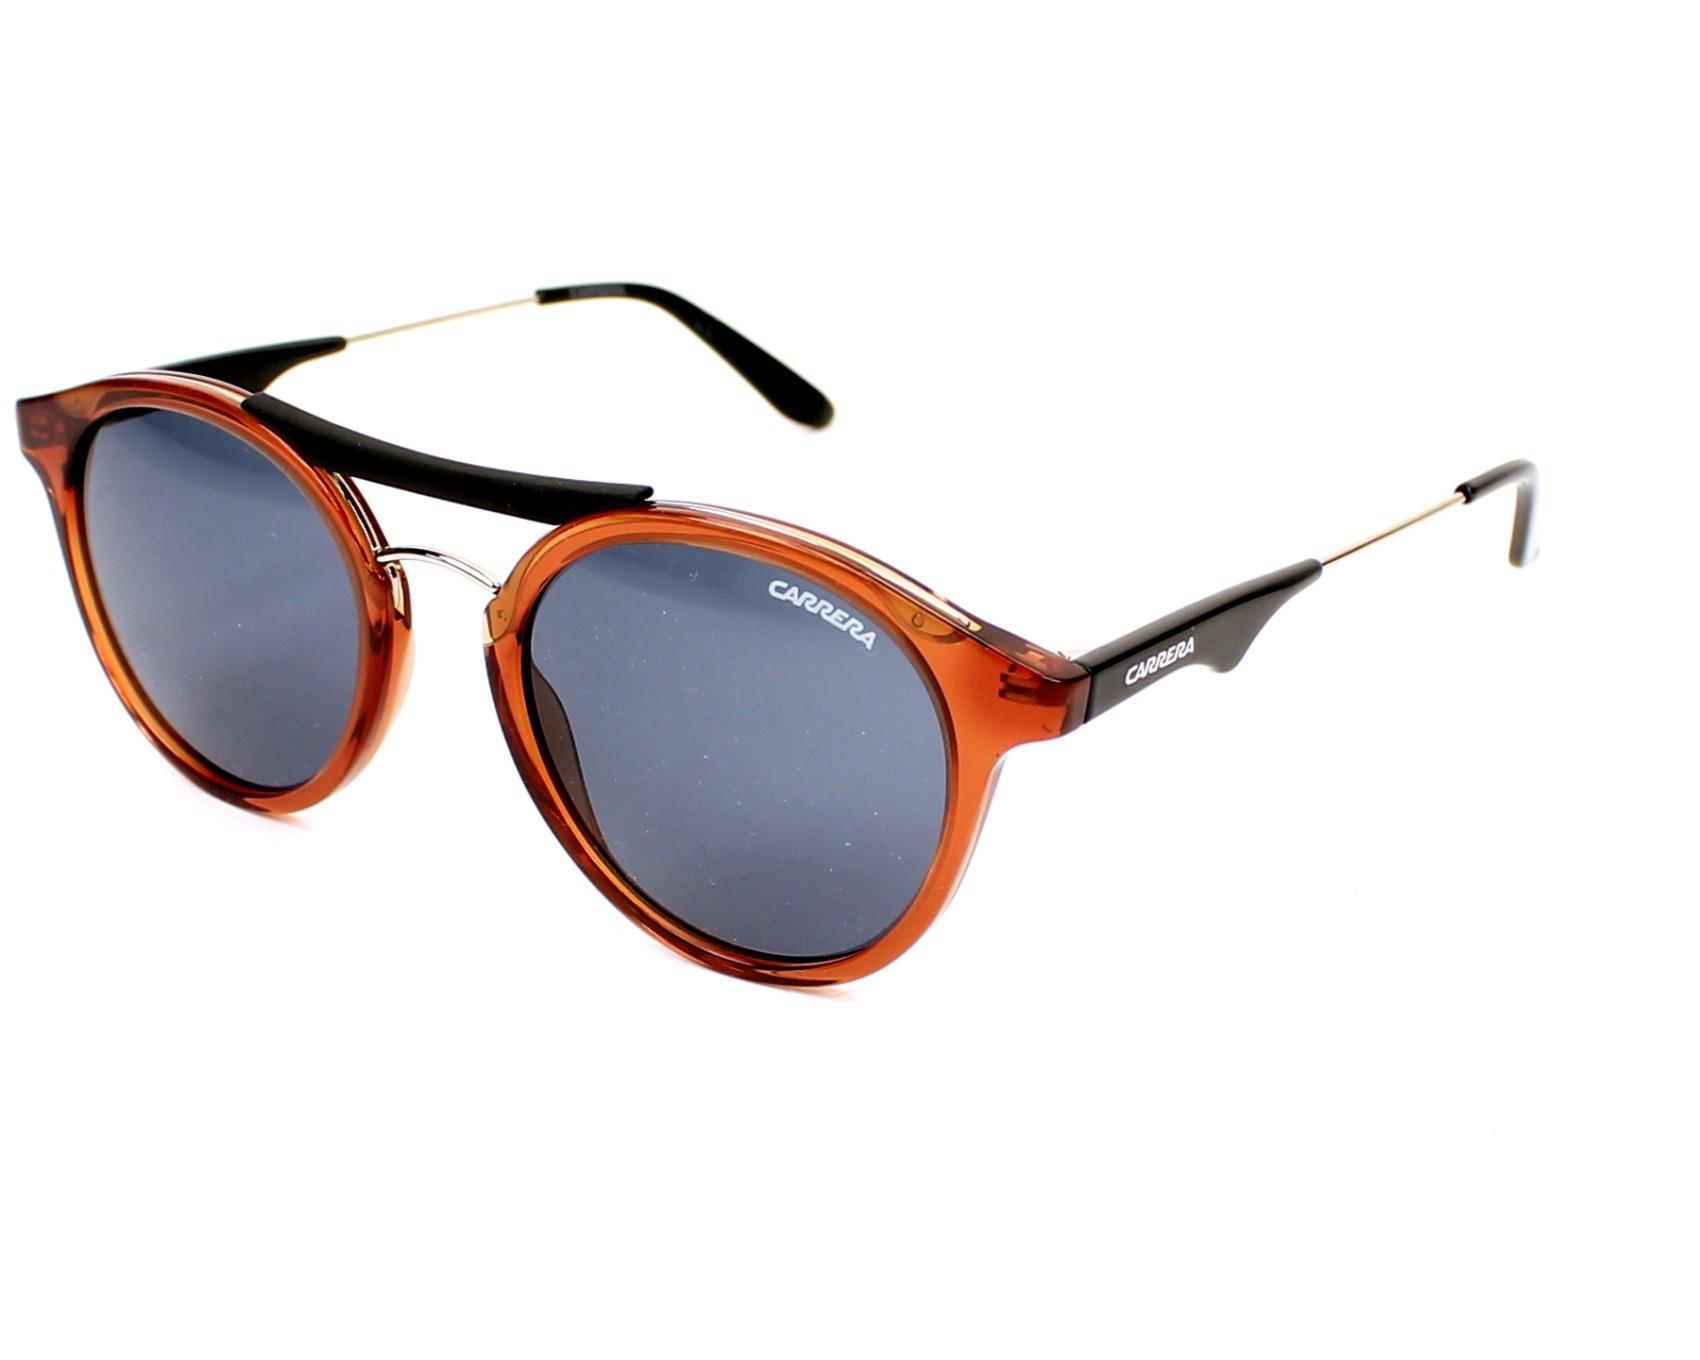 NEW Authentic Carrera SunGlasses frames Carrera 6008 TJFNL | eBay